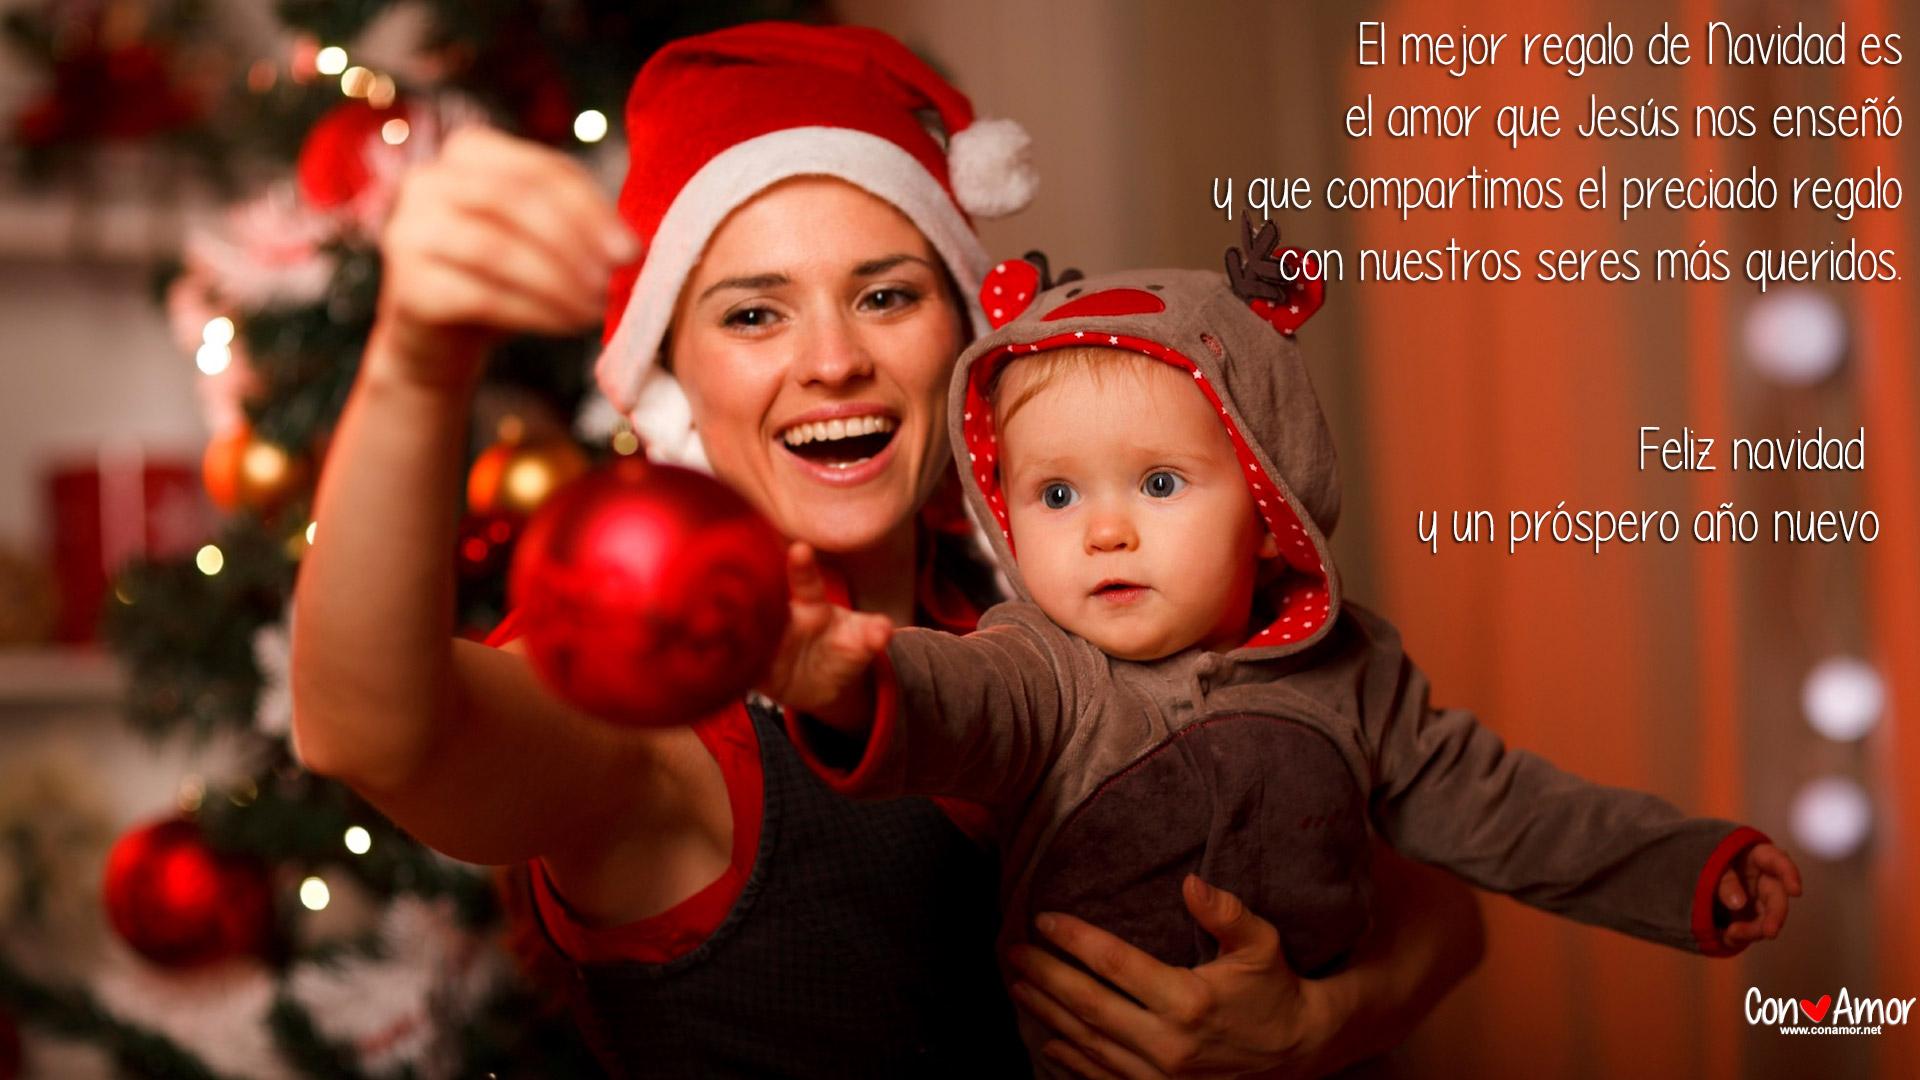 El mejor regalo de Navidad es el amor que Jesús nos enseñó y que compartimos el preciado regalo con nuestros seres más queridos.